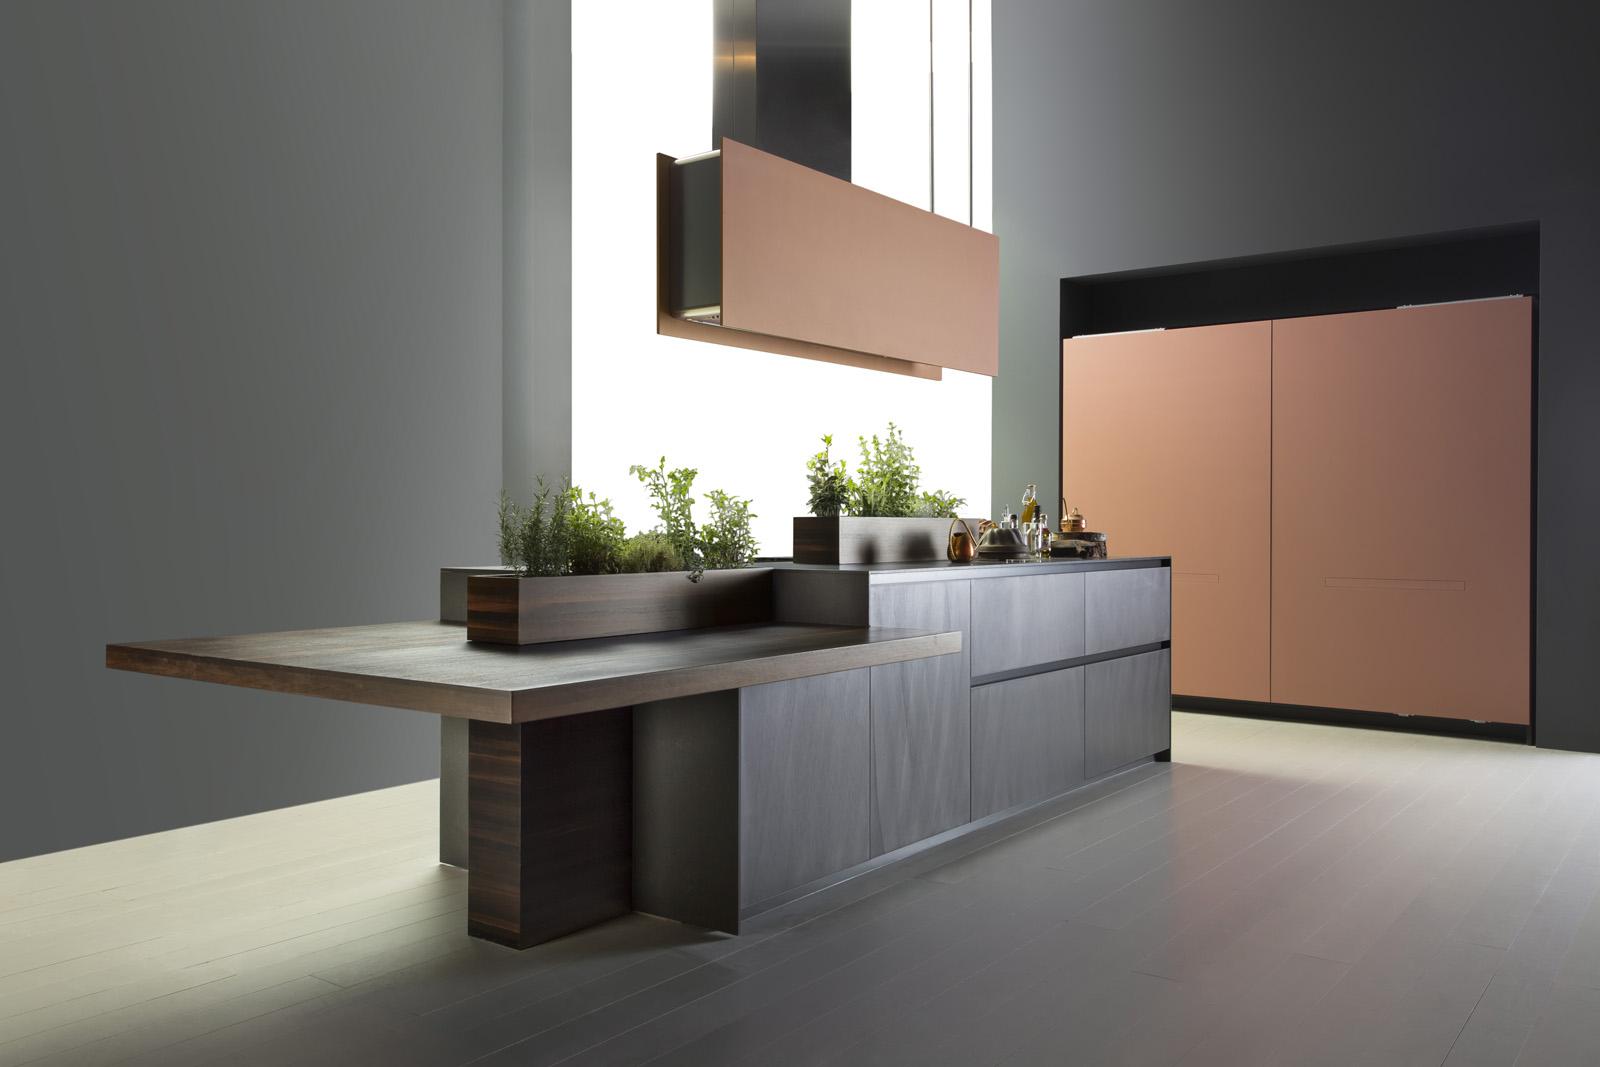 Italiaanse Keuken Ontwerp : Project studio italiaanse design keukens comprex antwerpen kaaien